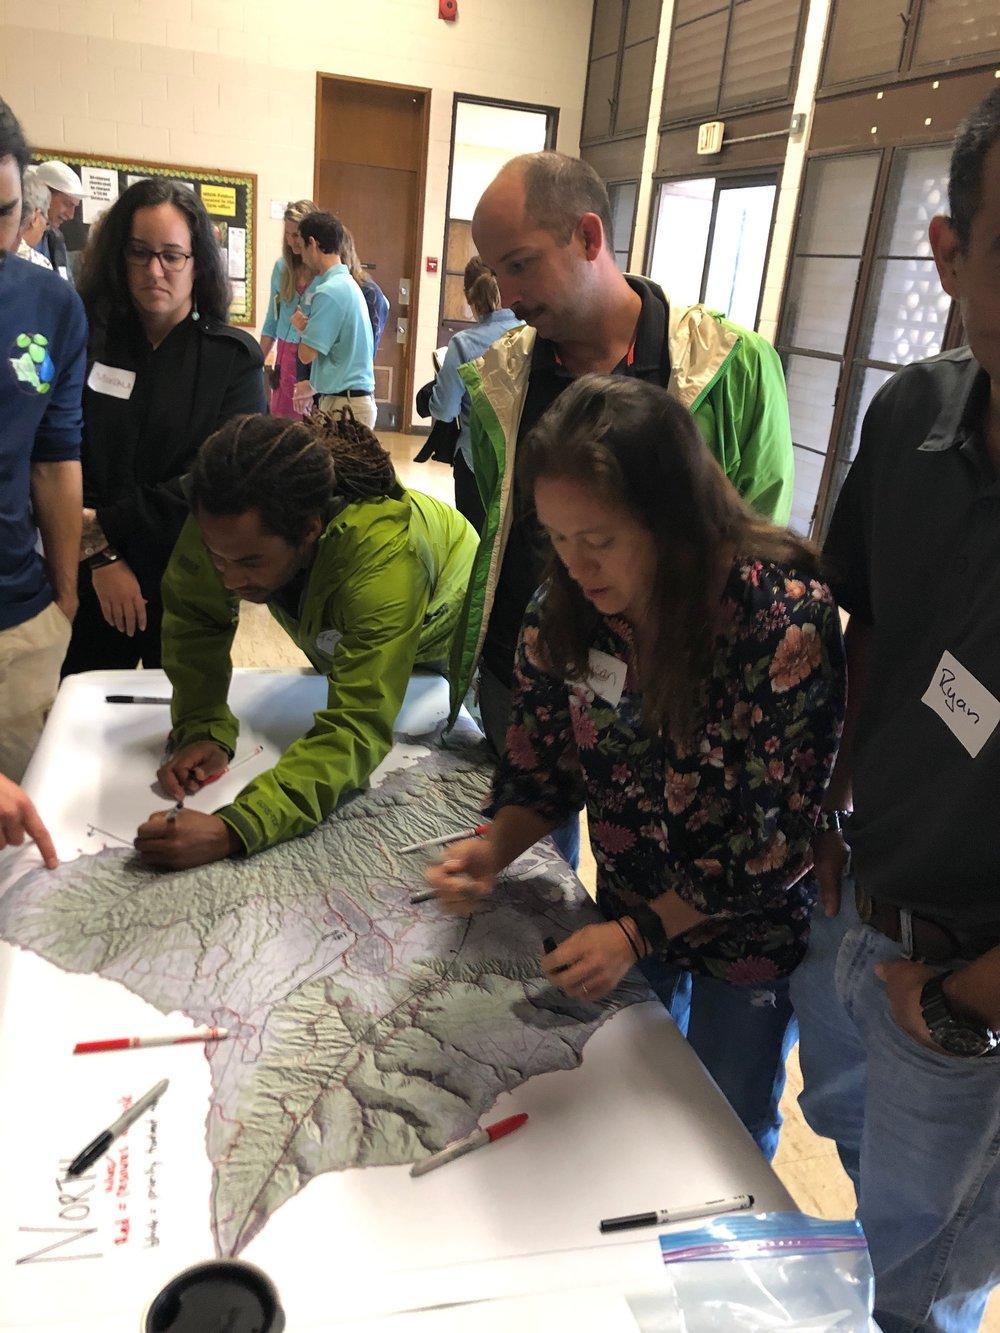 Oahu Vegetative Fuels Management Collaborative Action Planning Workshop_2_19_2019_17.jpg